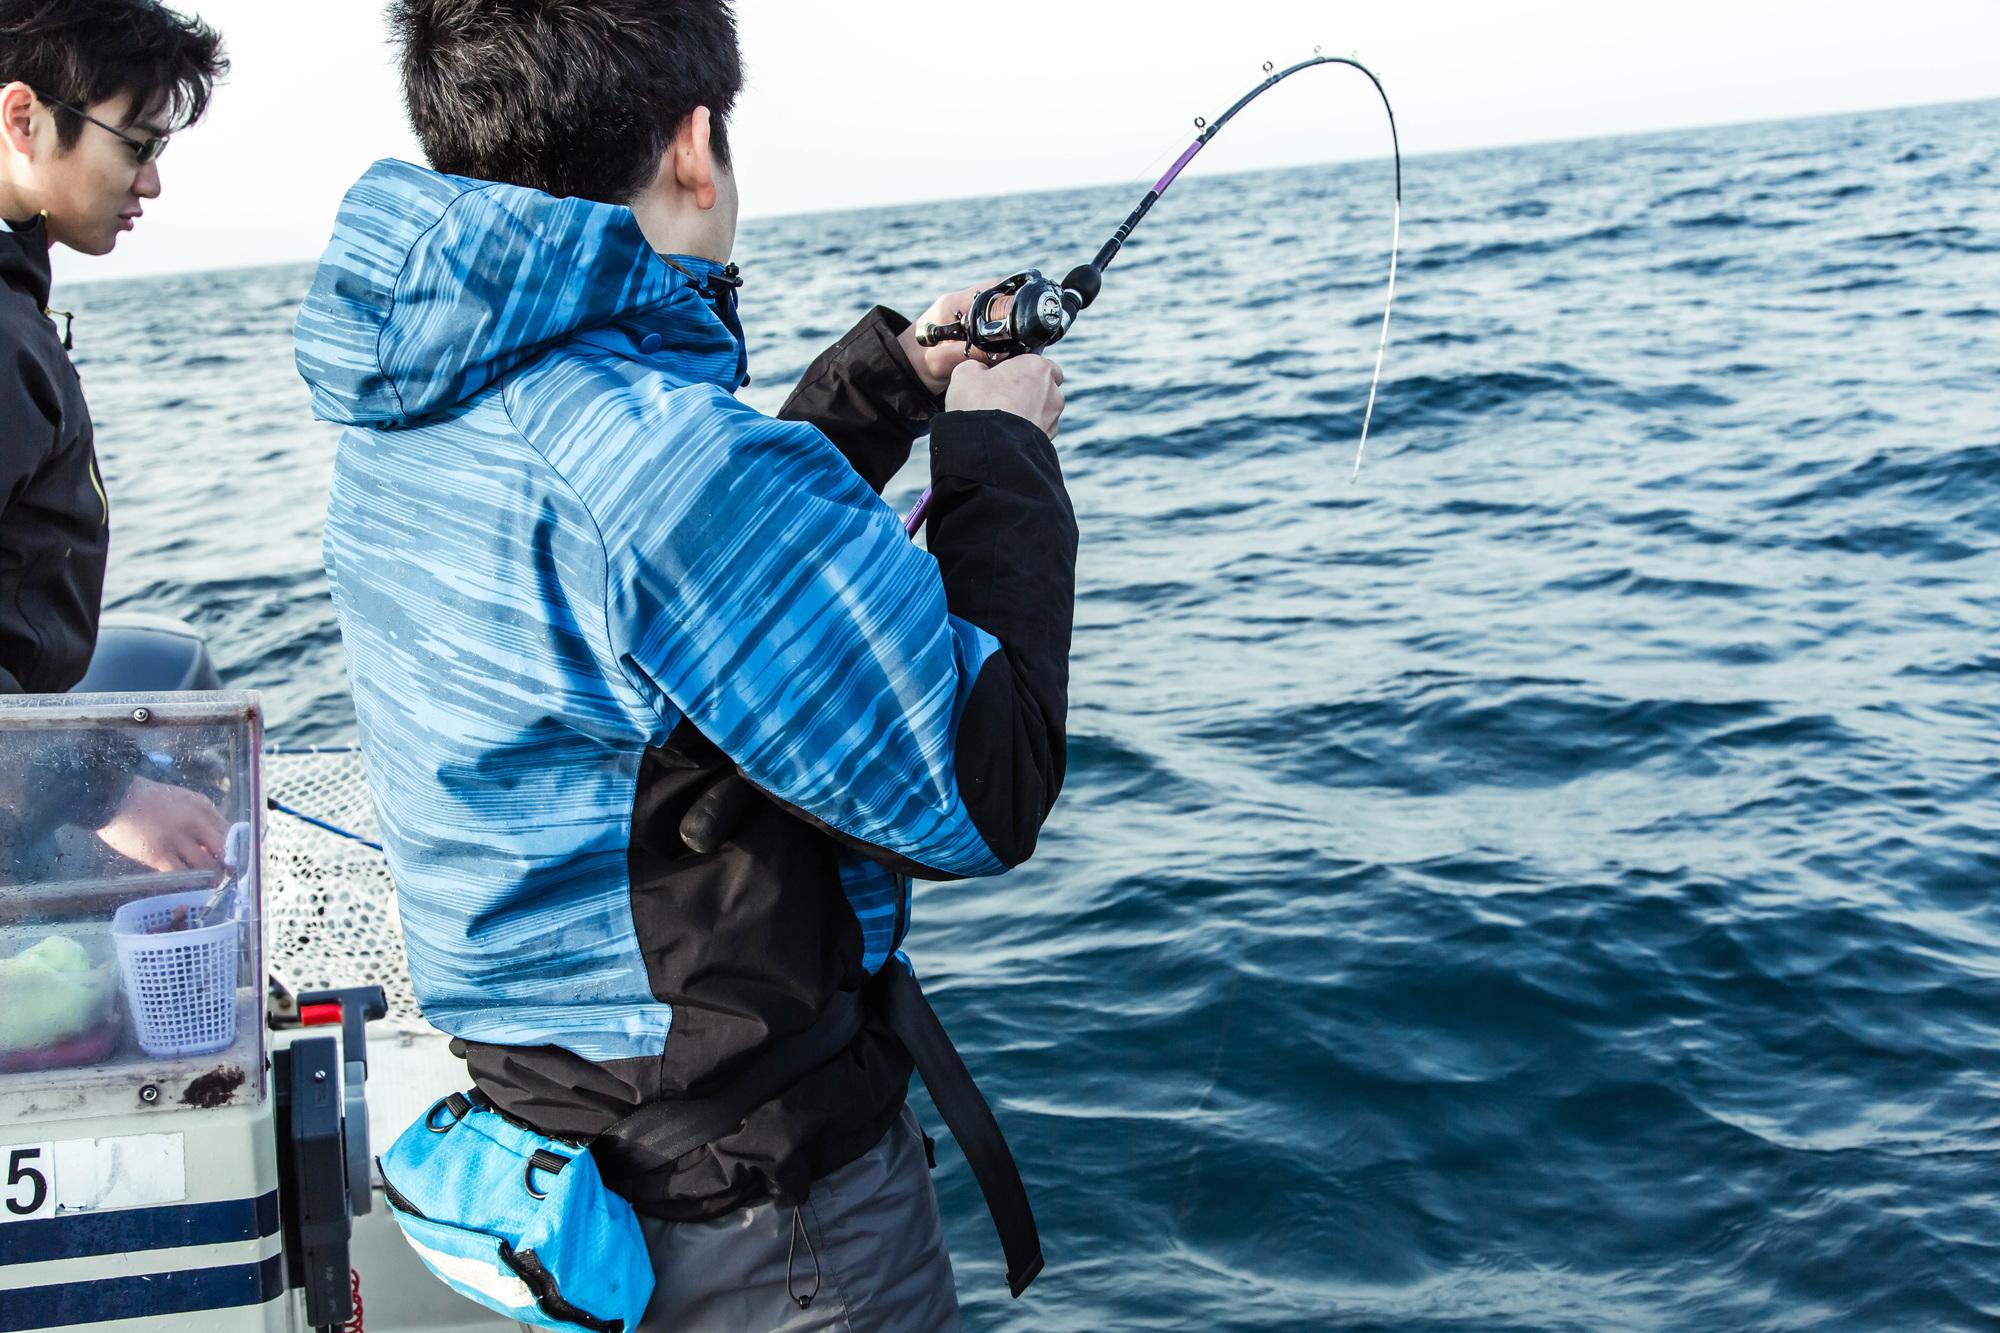 船上で釣りを楽しんでいる風景